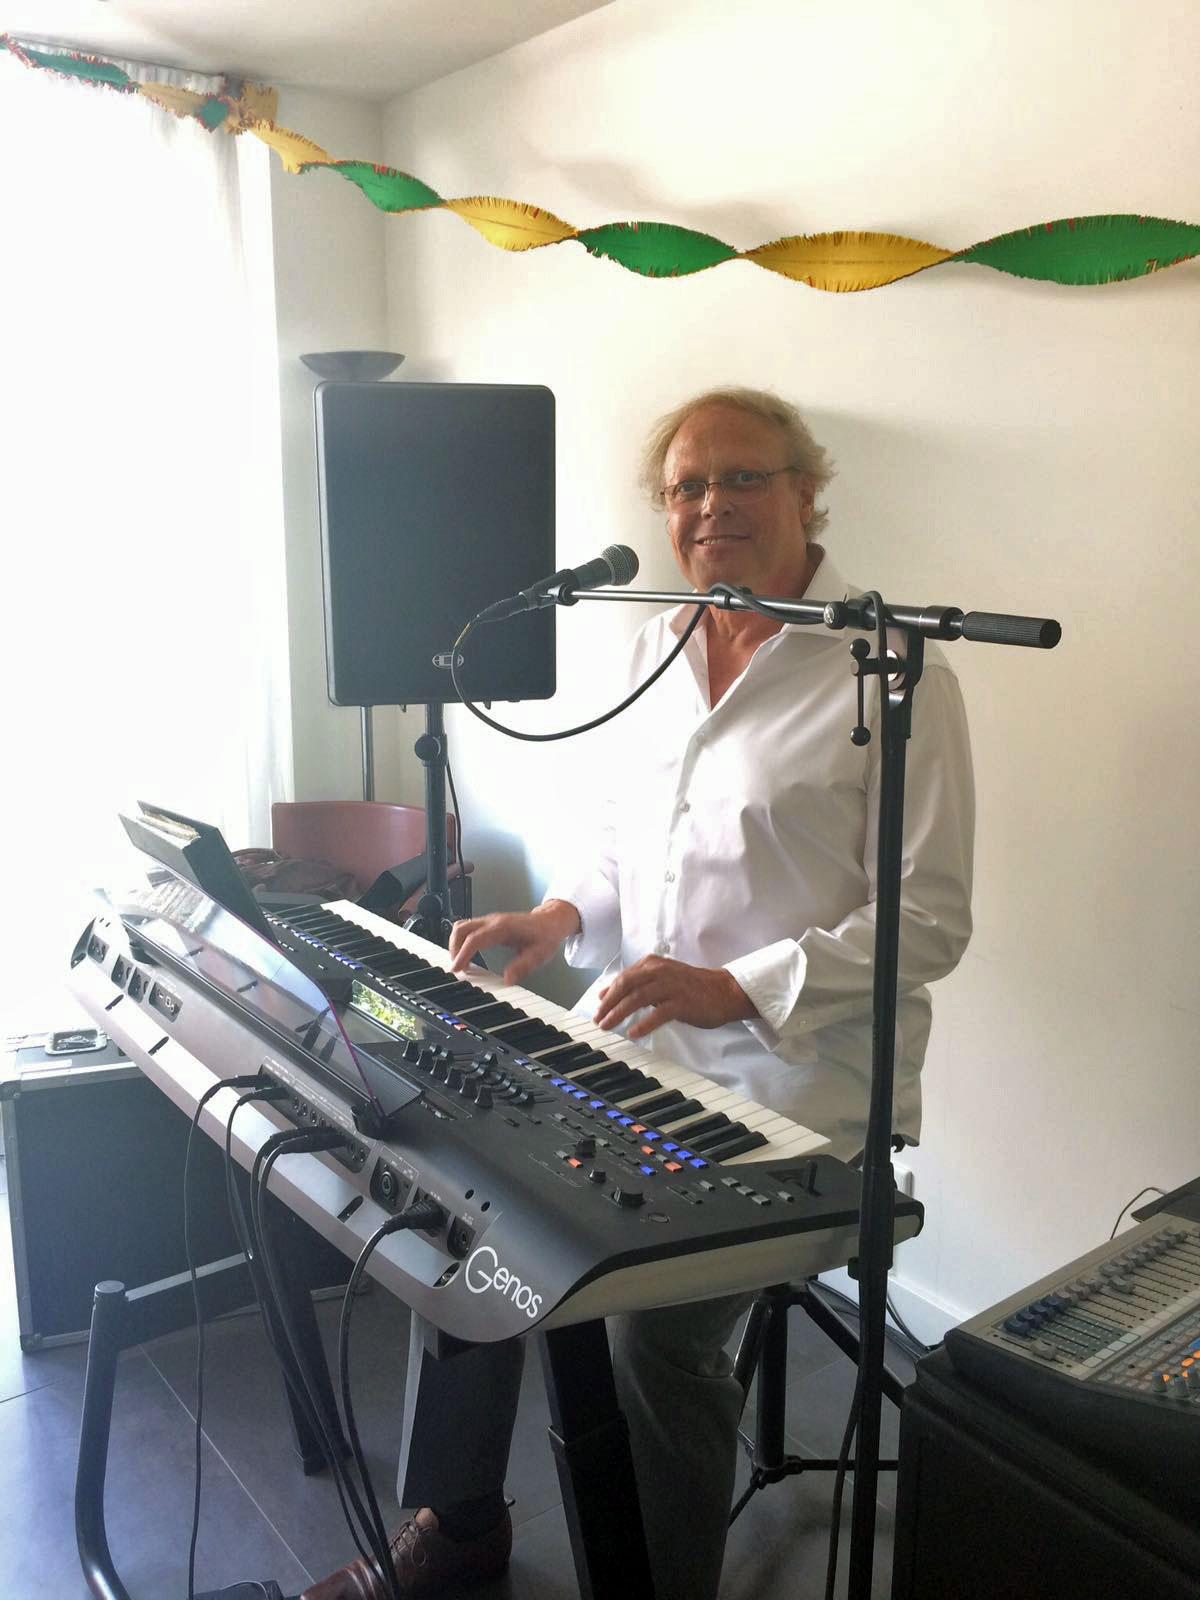 Zanger toetsenist Hans Baaij